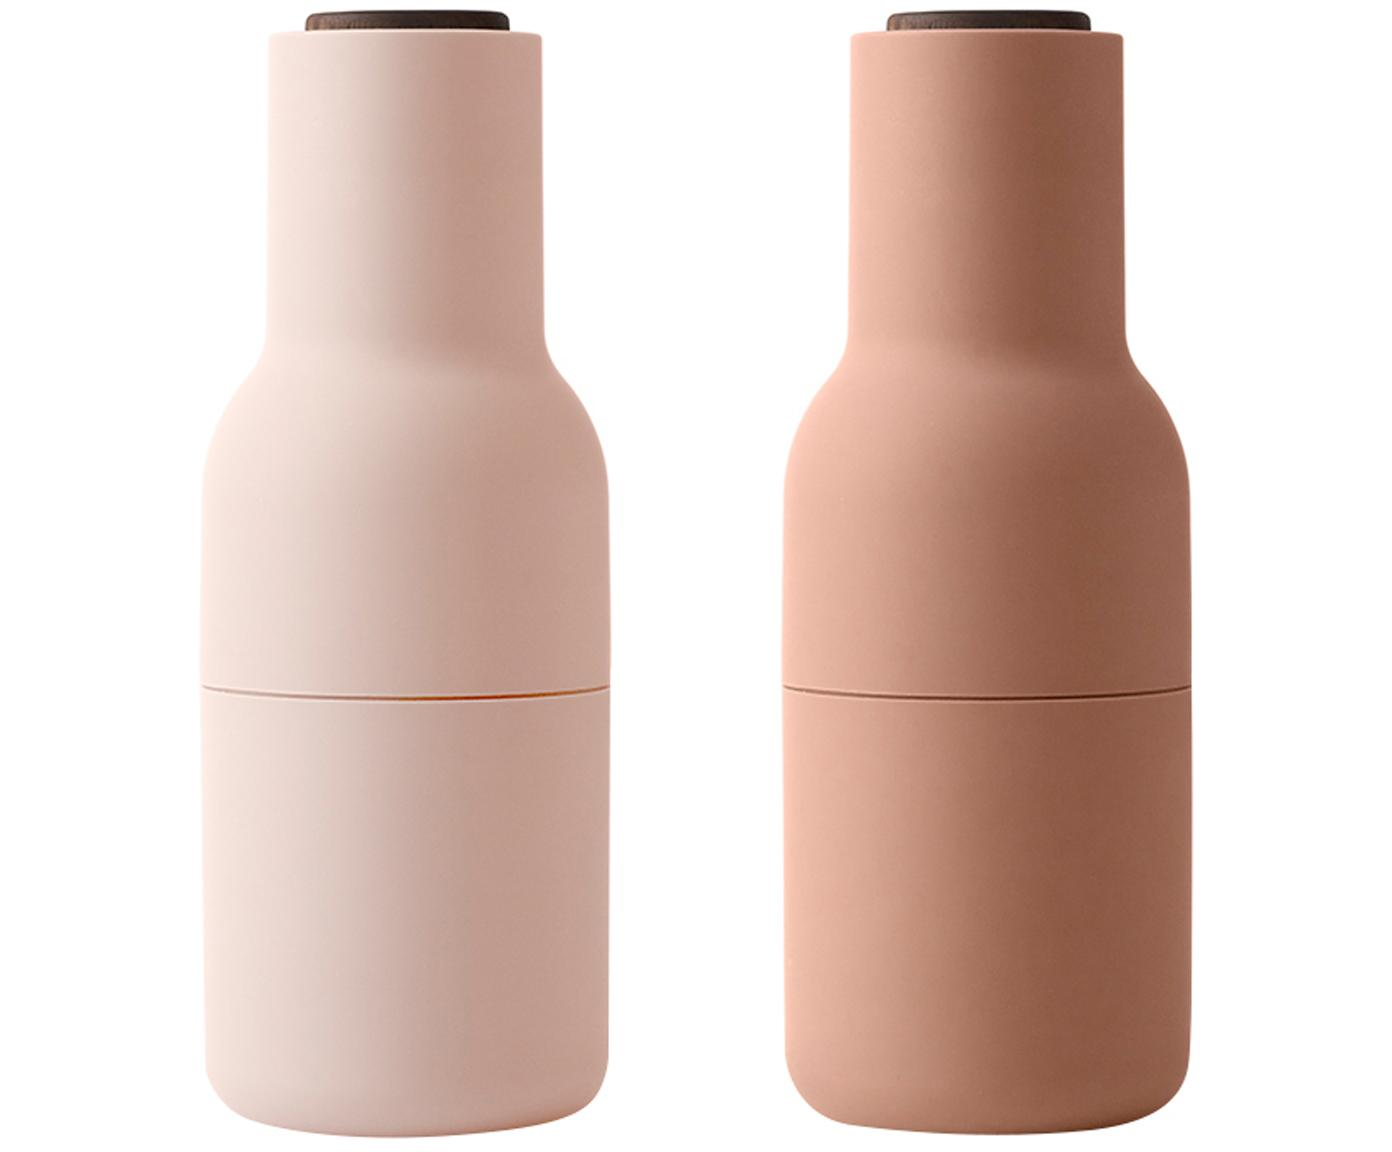 Molinillos de diseño Bottle Grinder, 2pzas., Estructura: plástico, Grinder: cerámica, Tonos rosas, Ø 8 x Al 21 cm